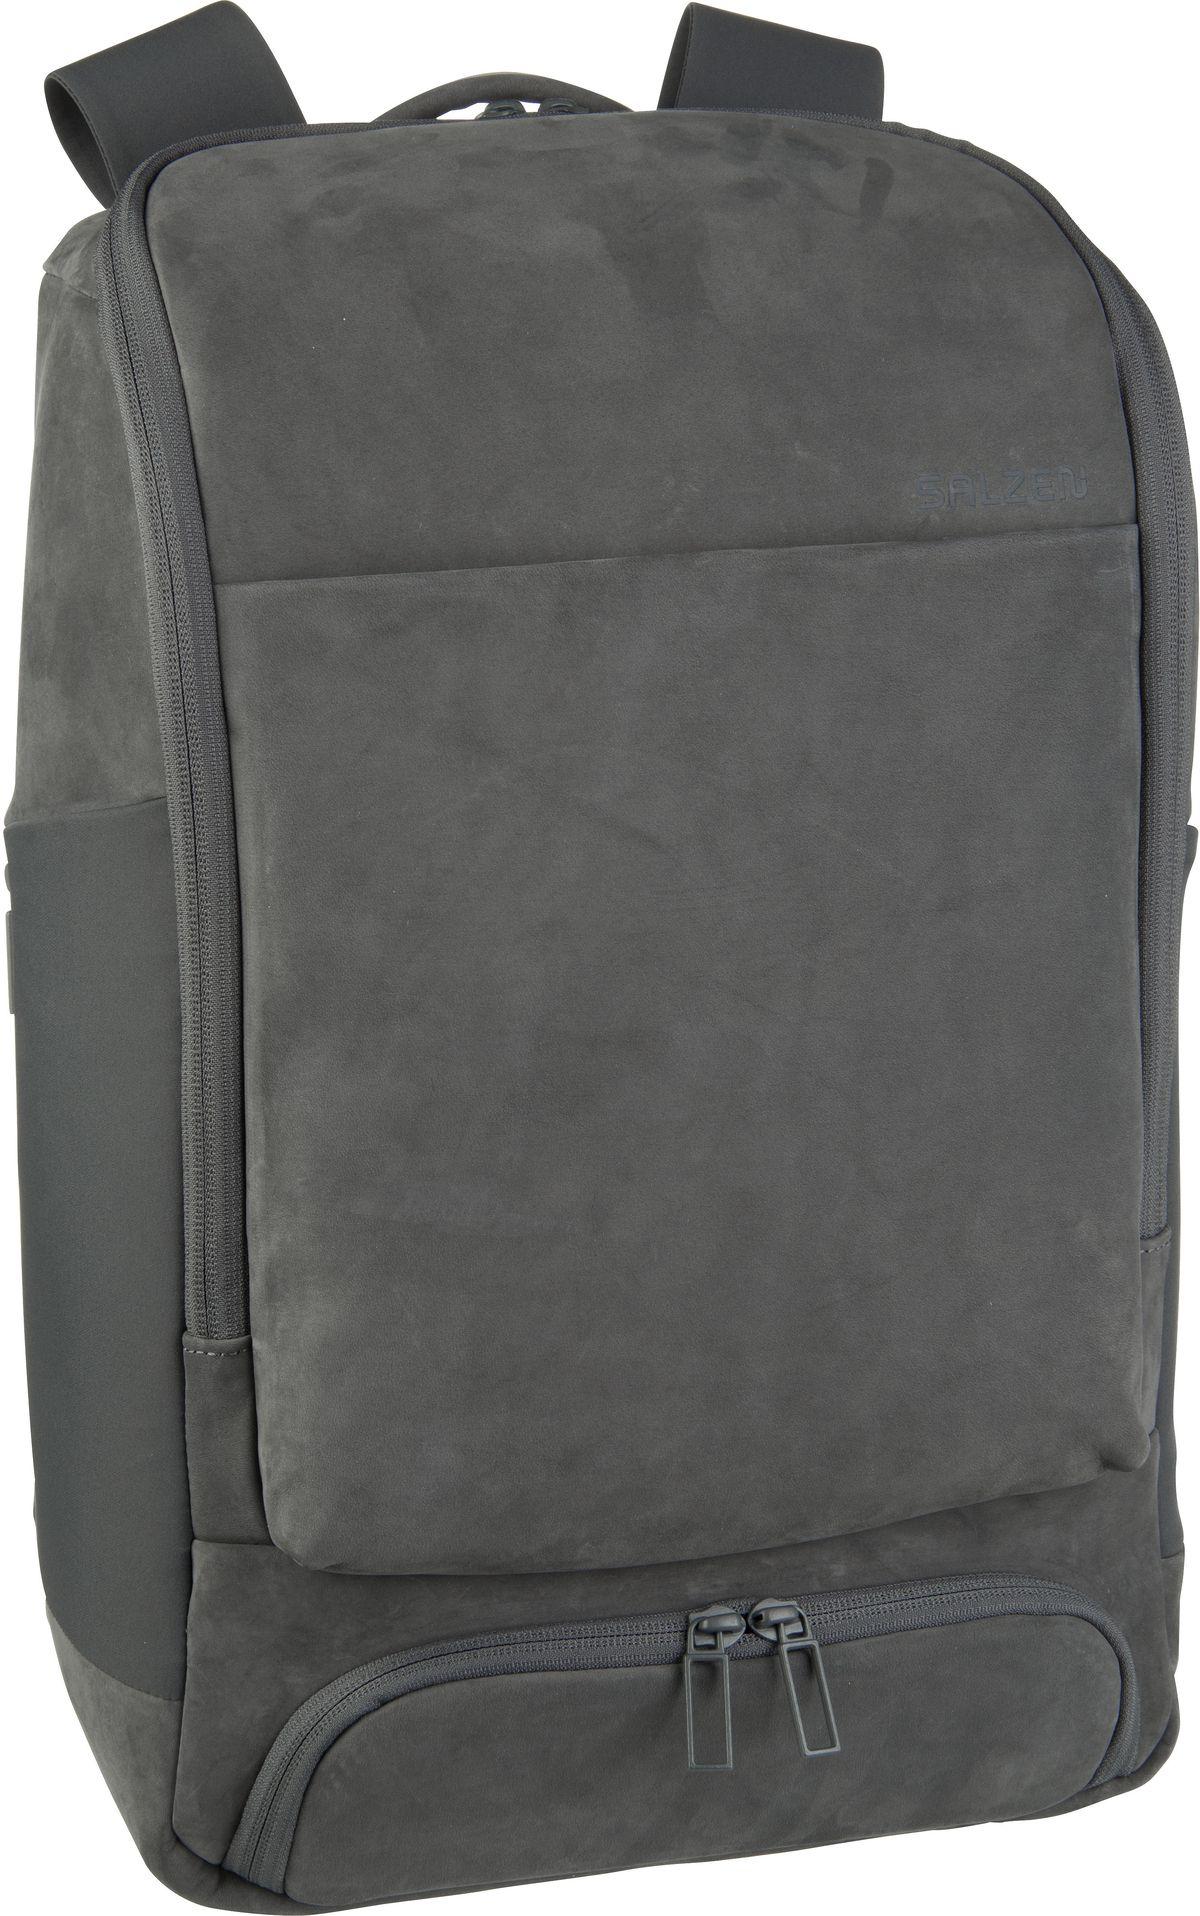 Laptoprucksack Alpha Backpack Leather Slate Grey (17 Liter)